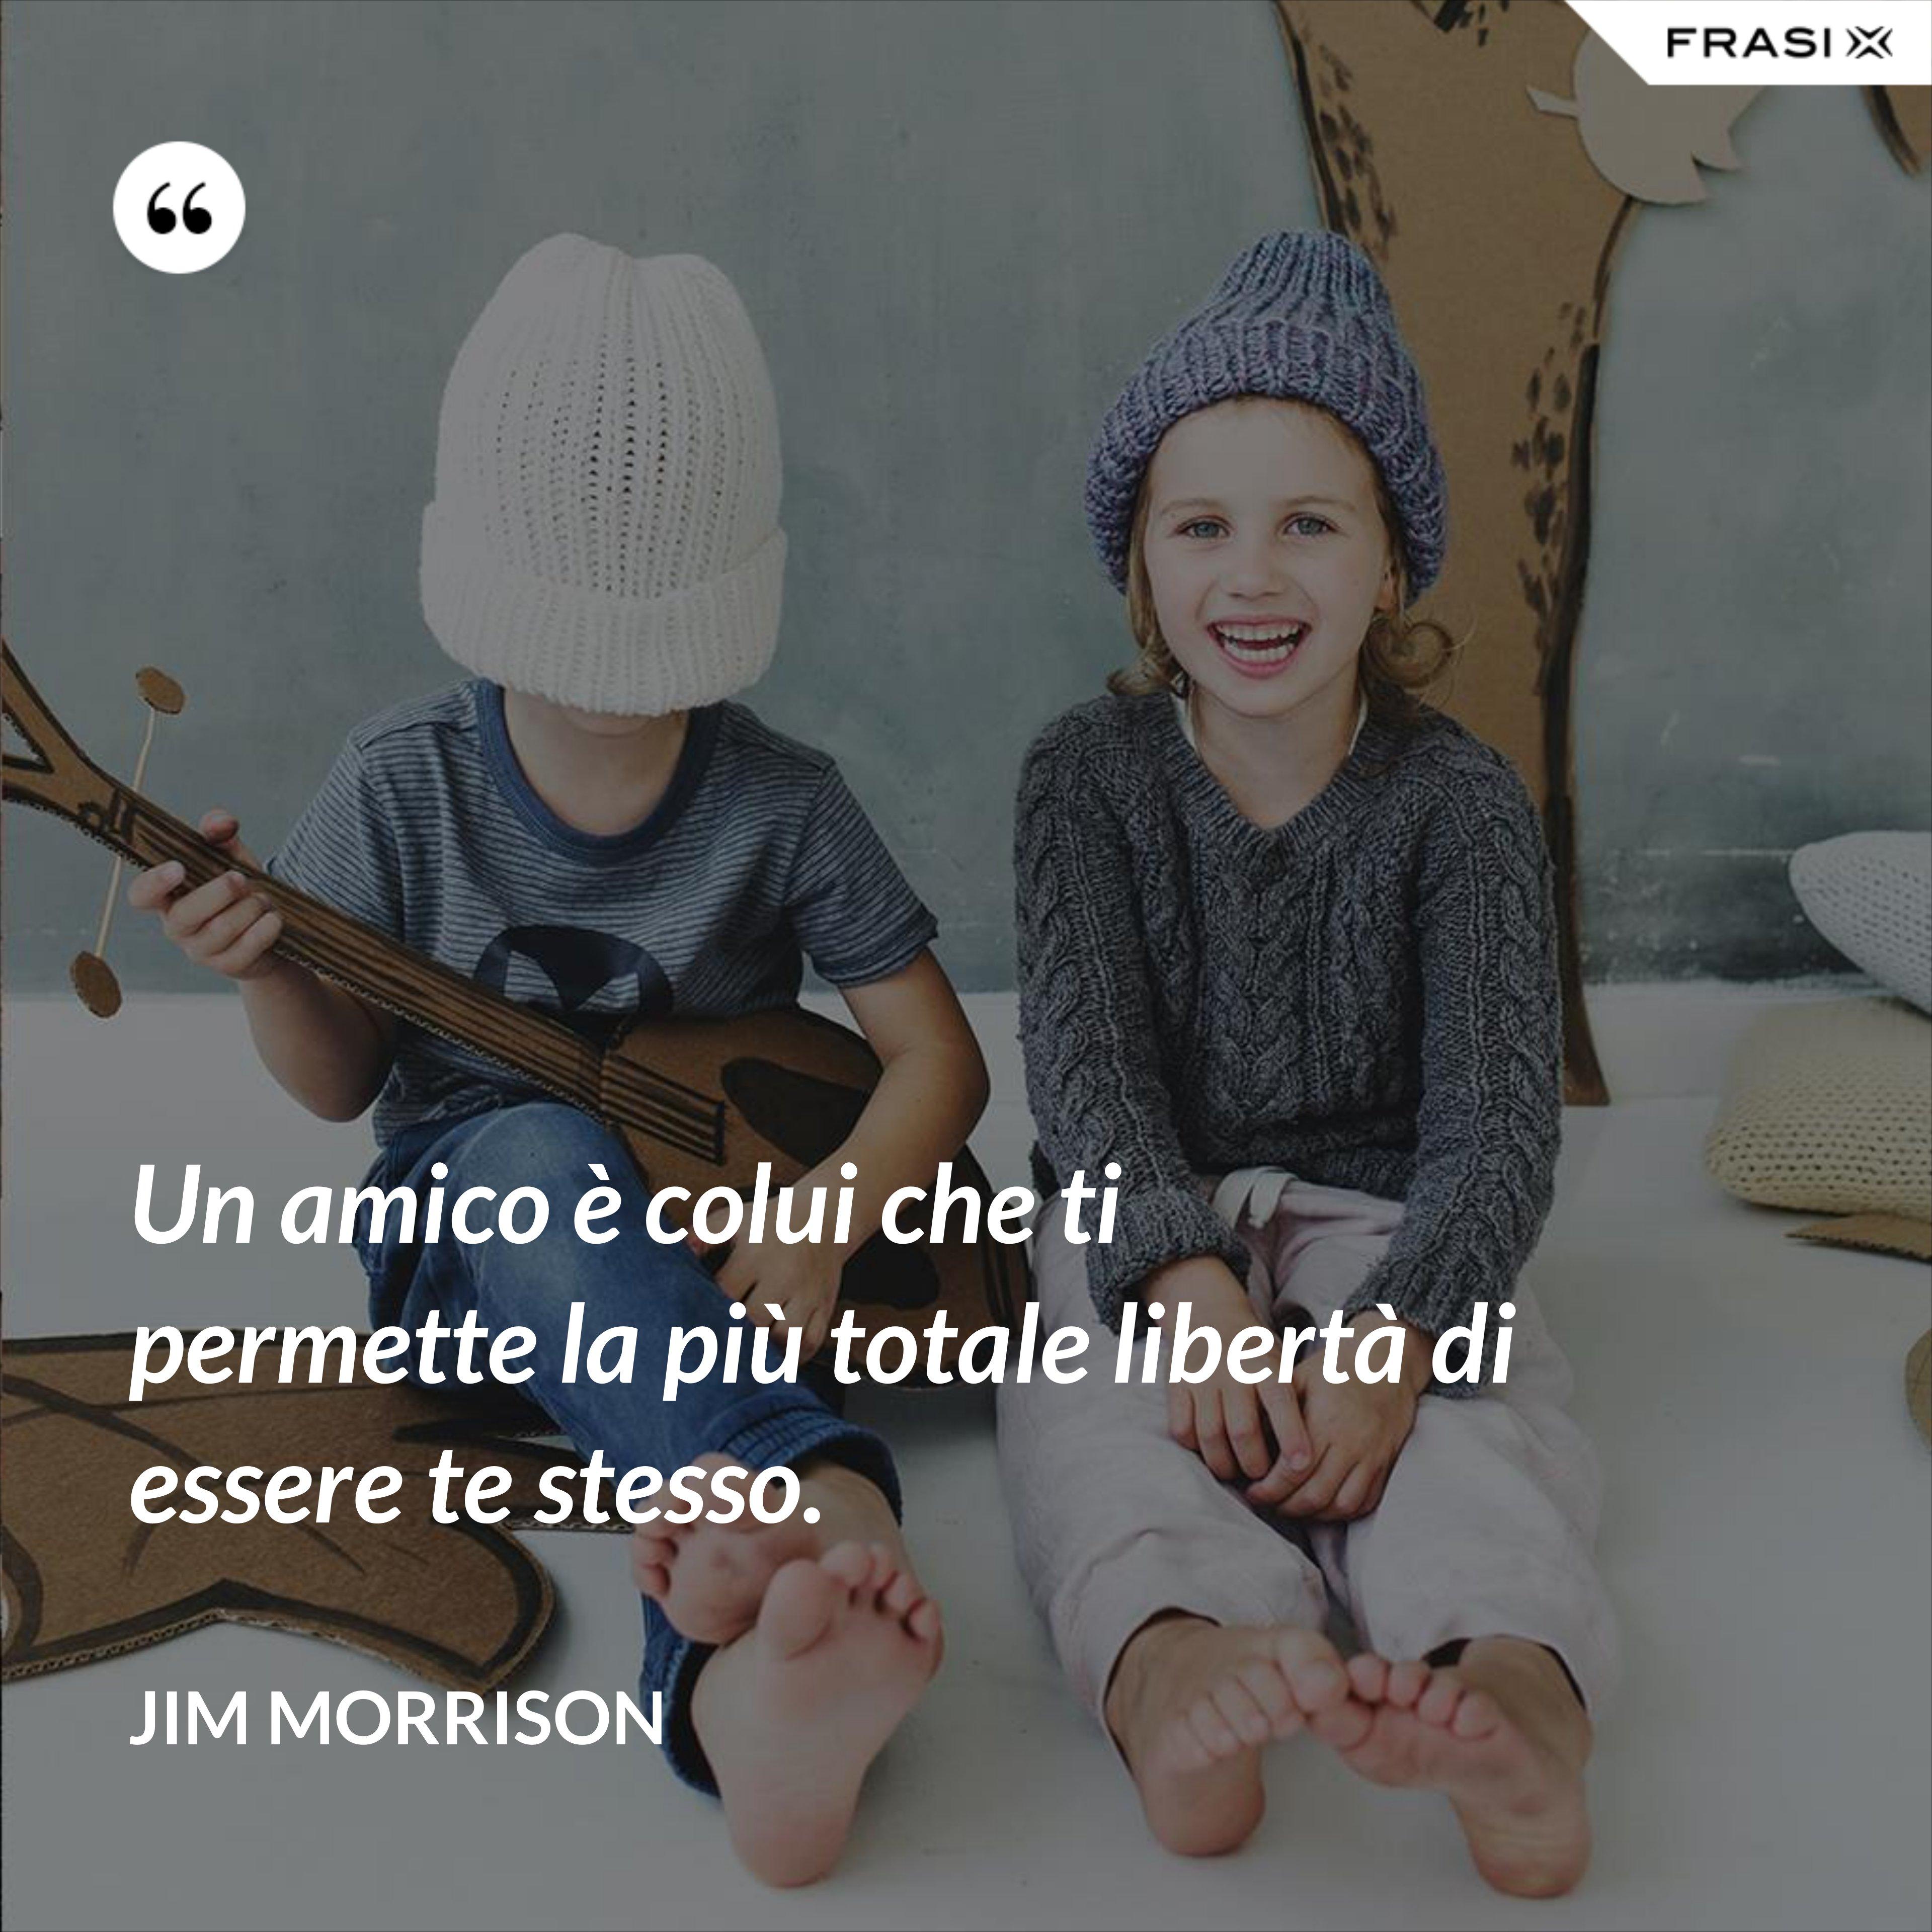 Un amico è colui che ti permette la più totale libertà di essere te stesso. - Jim Morrison